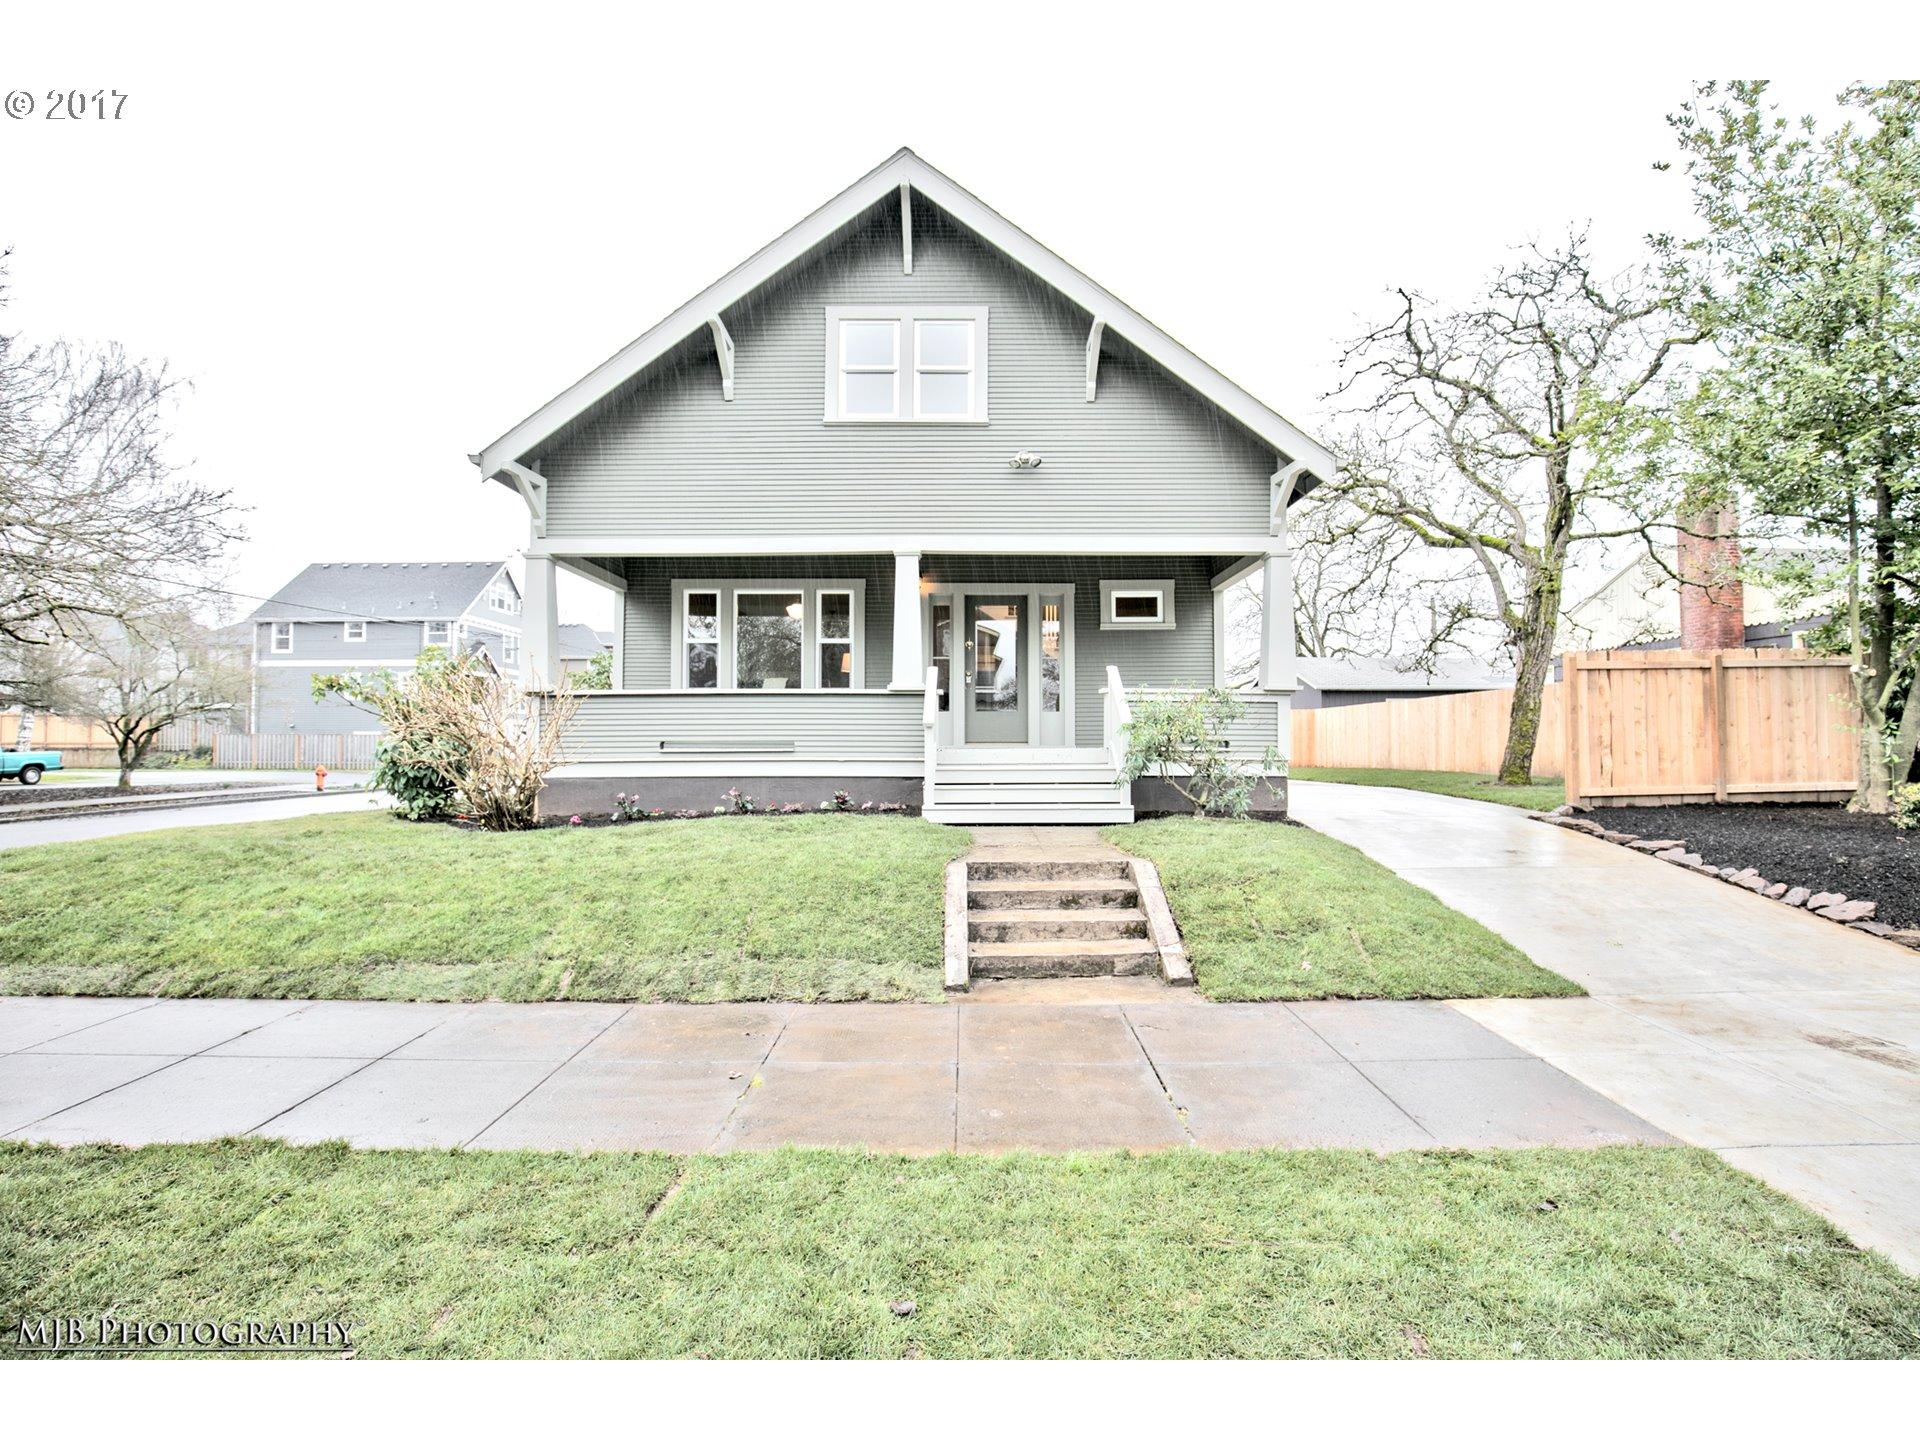 5006 N SYRACUSE ST, Portland OR 97203